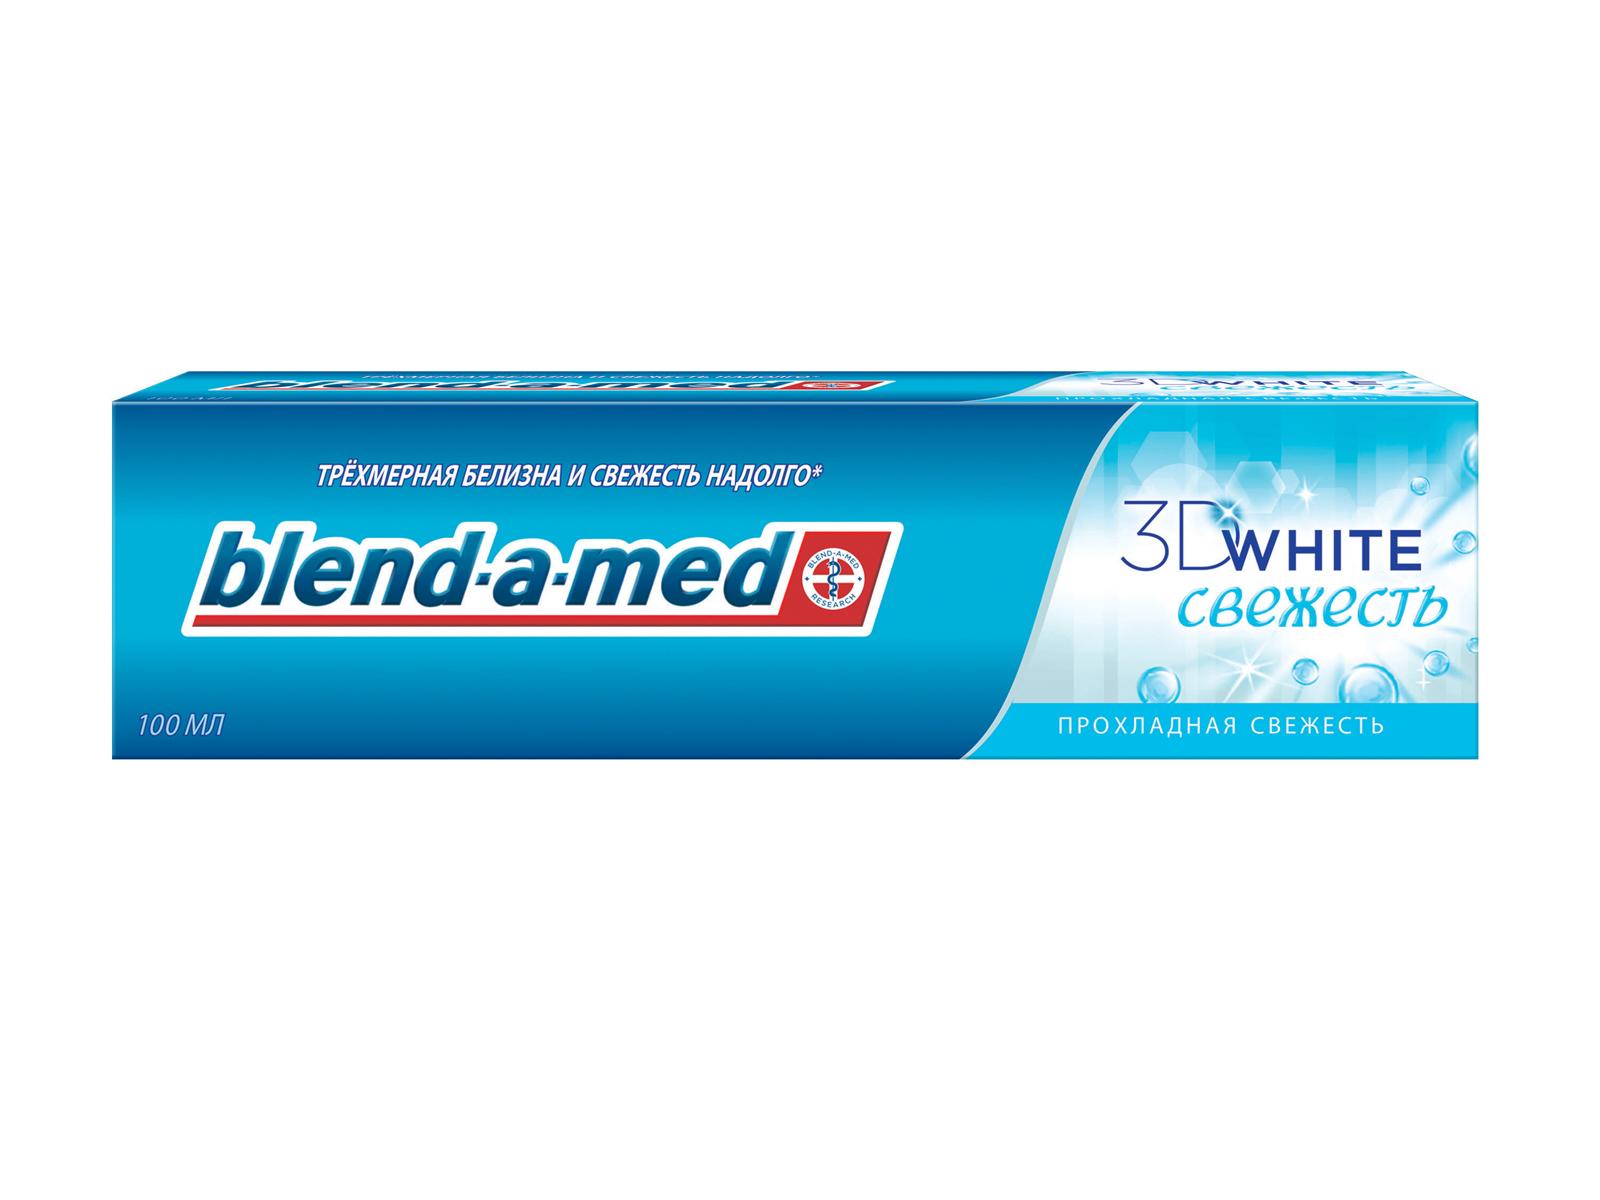 Blend-a-med Зубная паста 3D White Прохладная Свежесть, 100 мл blend a med зубная паста 3d white свежесть мятный поцелуй